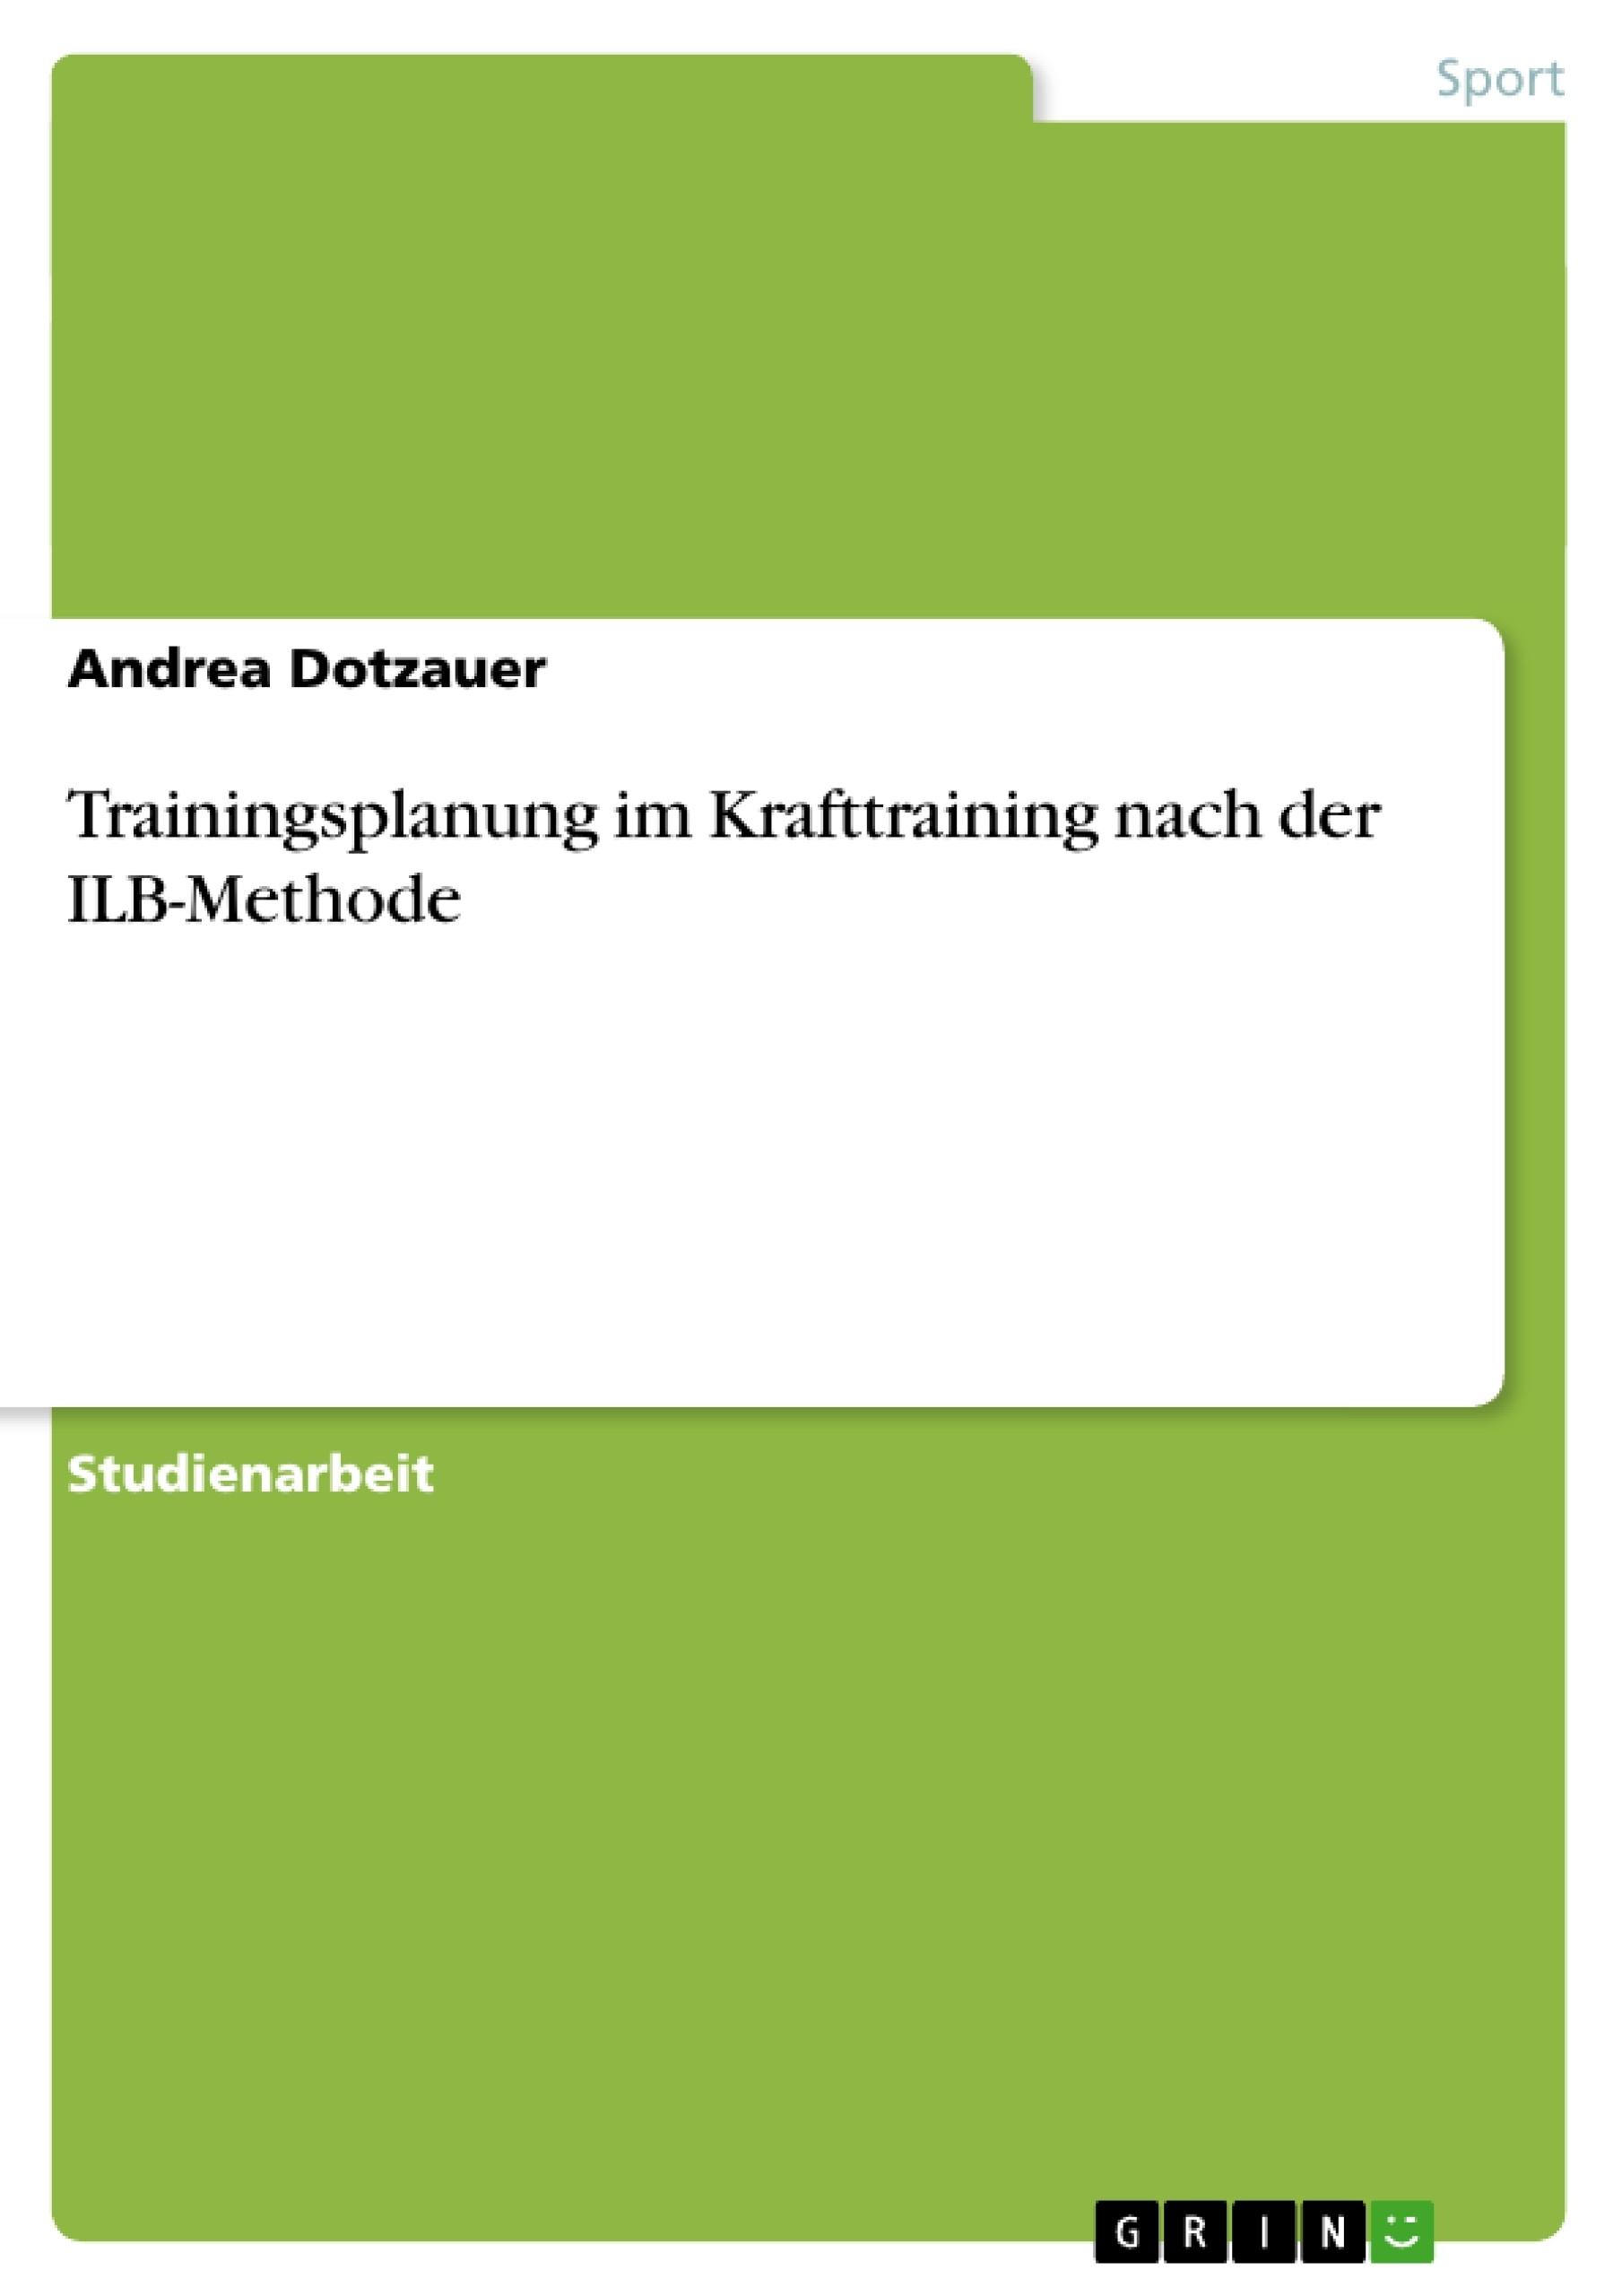 Titel: Trainingsplanung im Krafttraining nach der ILB-Methode